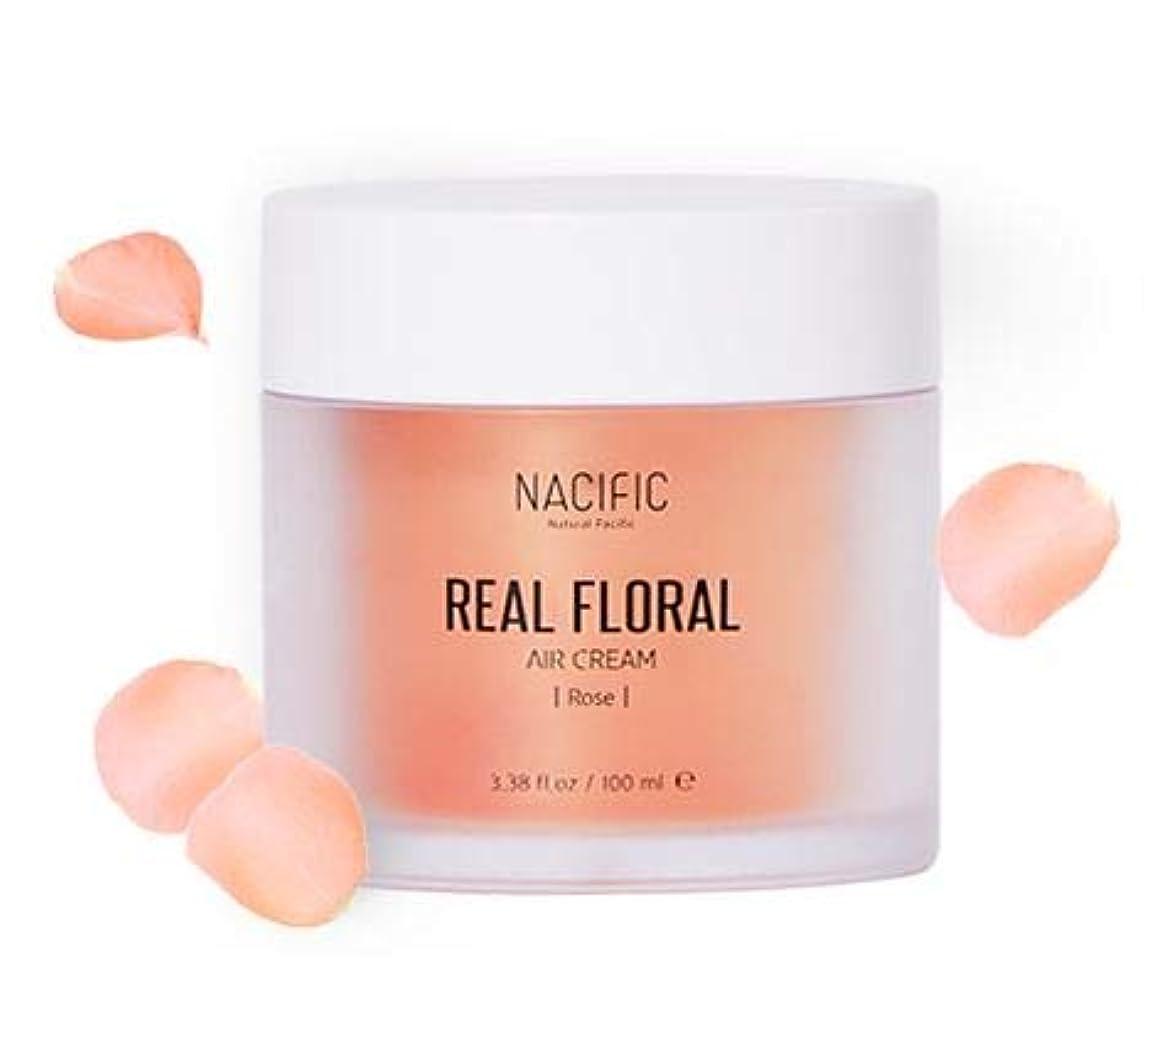 出版挑発する駅[ NACIFIC ] Real Rose Floral Air Cream 100ml (Rose) / [ナシフィック] リアル (ローズ エア クリーム) 100ml [並行輸入品]